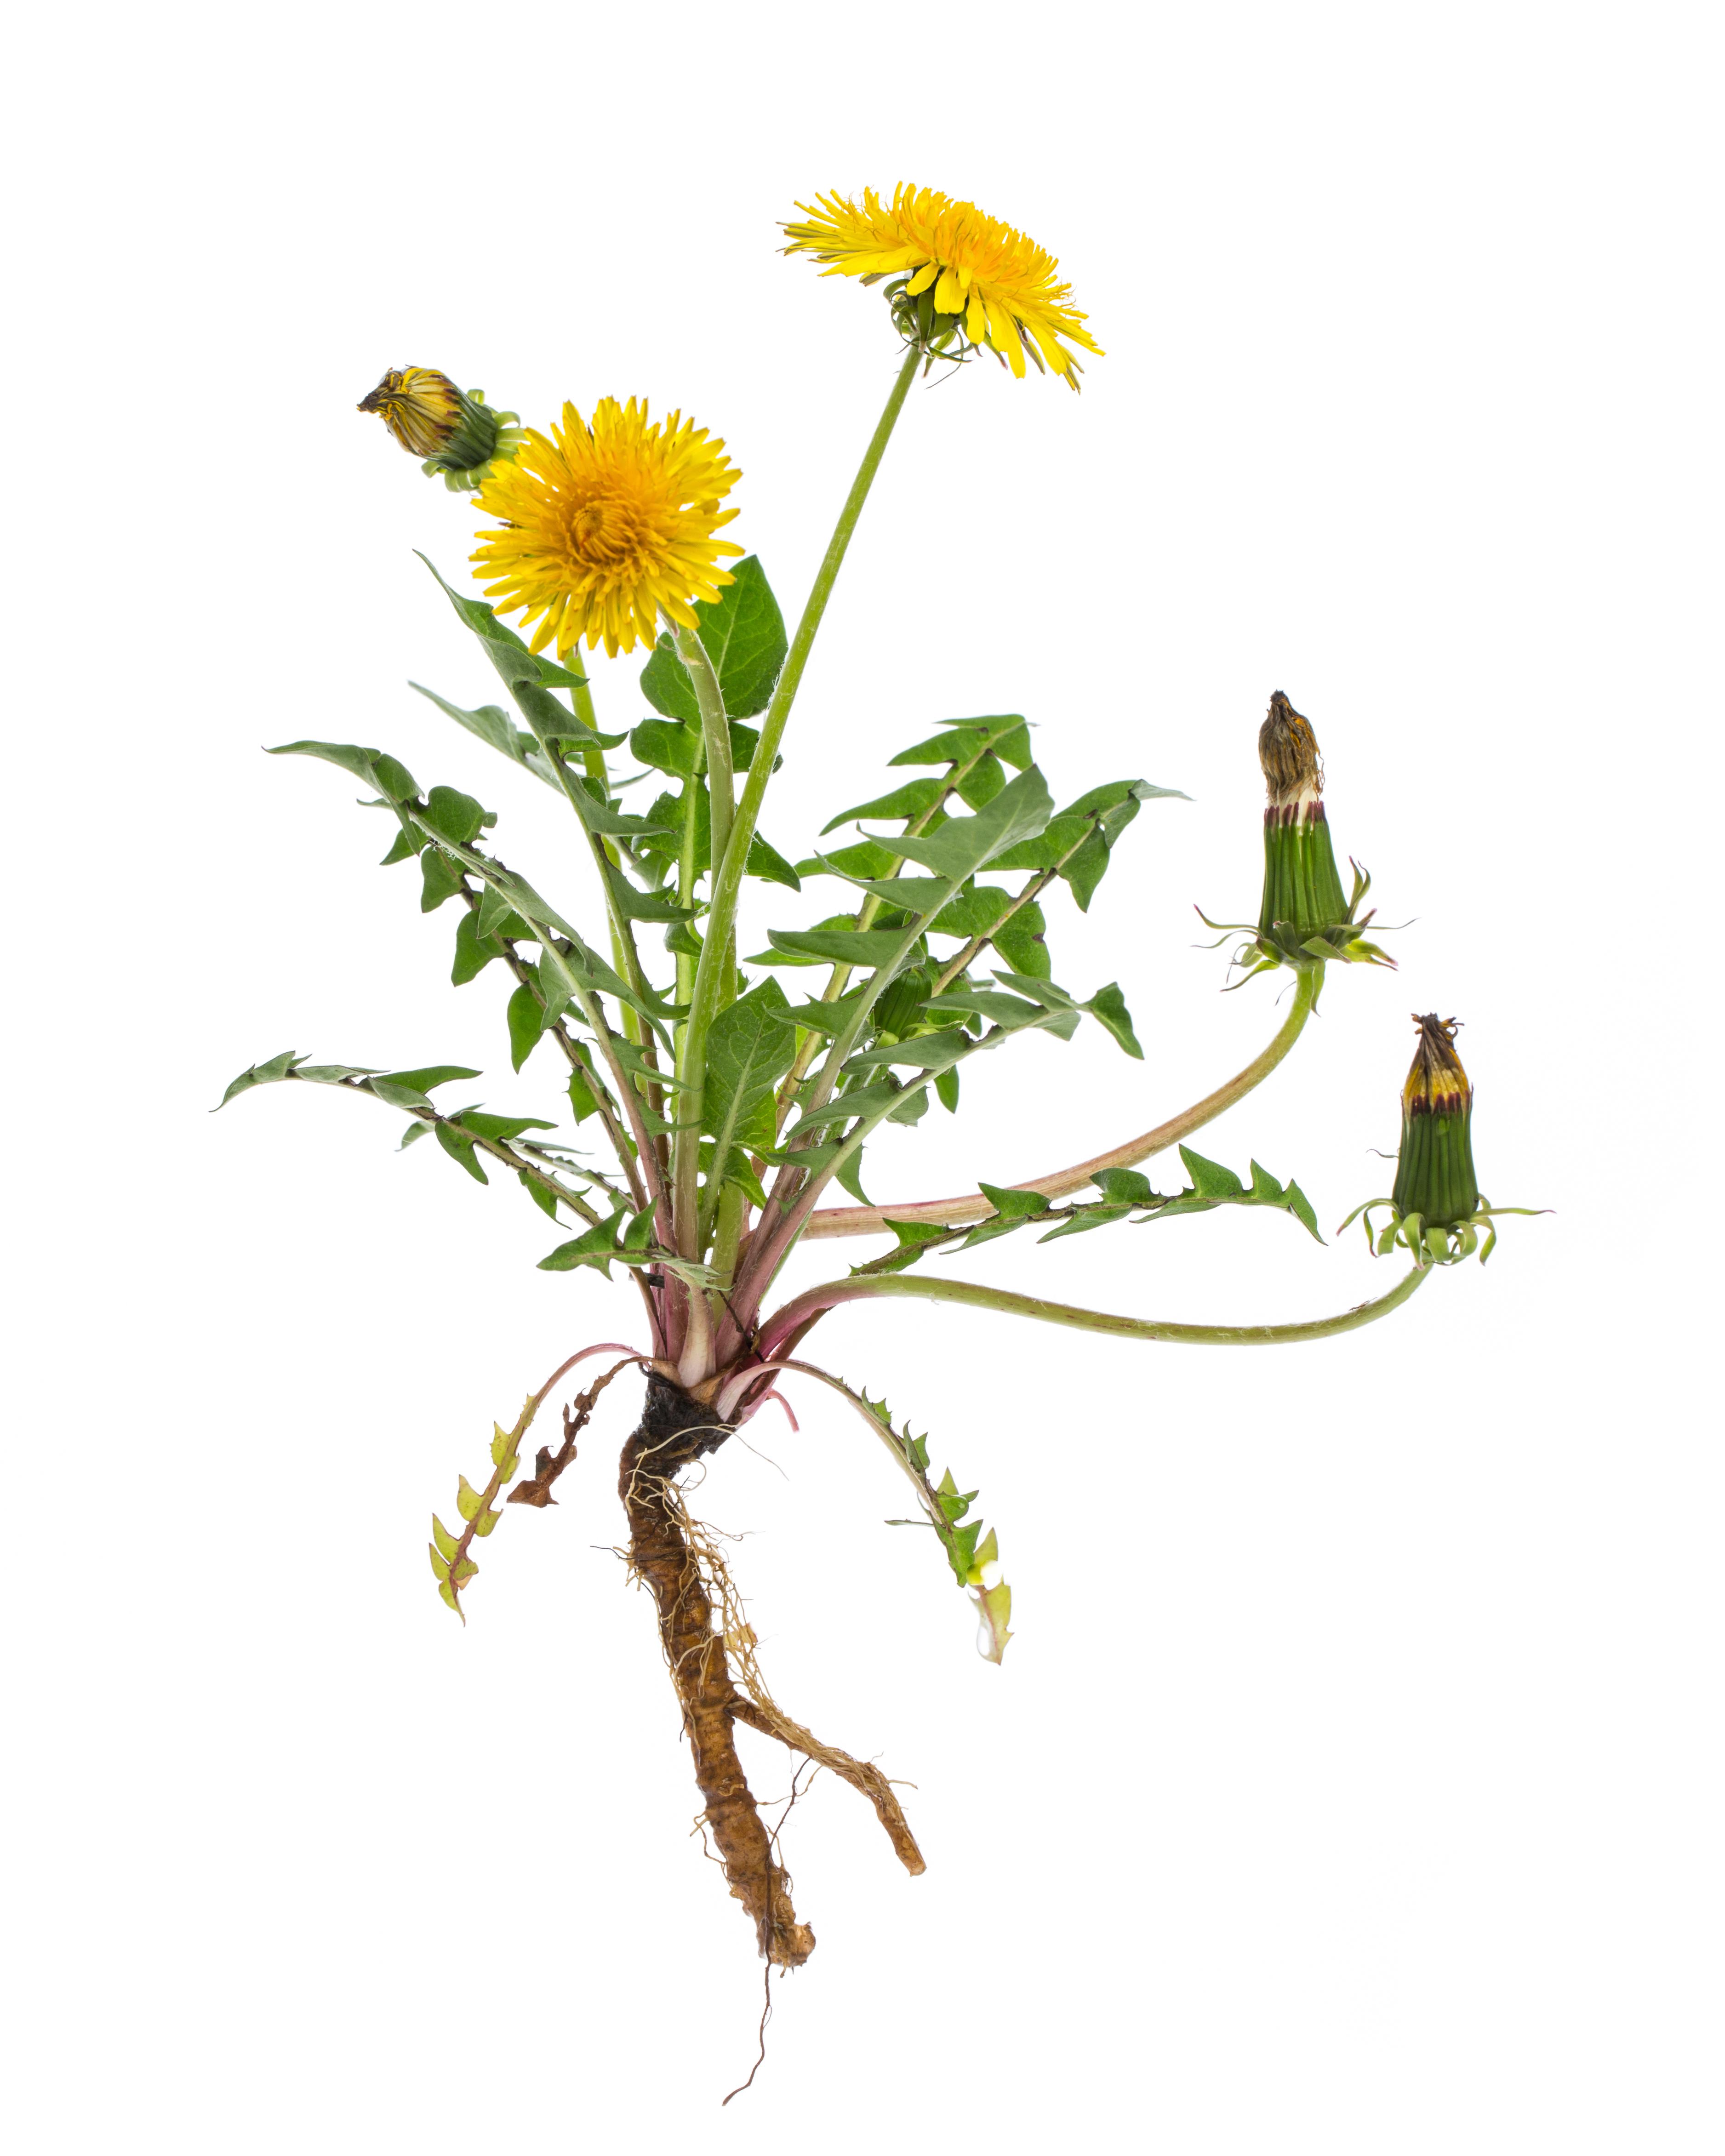 Gyógynövények, hogy lefogyjon. Az 5 legjobb gyógynövény a karcsúság eléréséhez